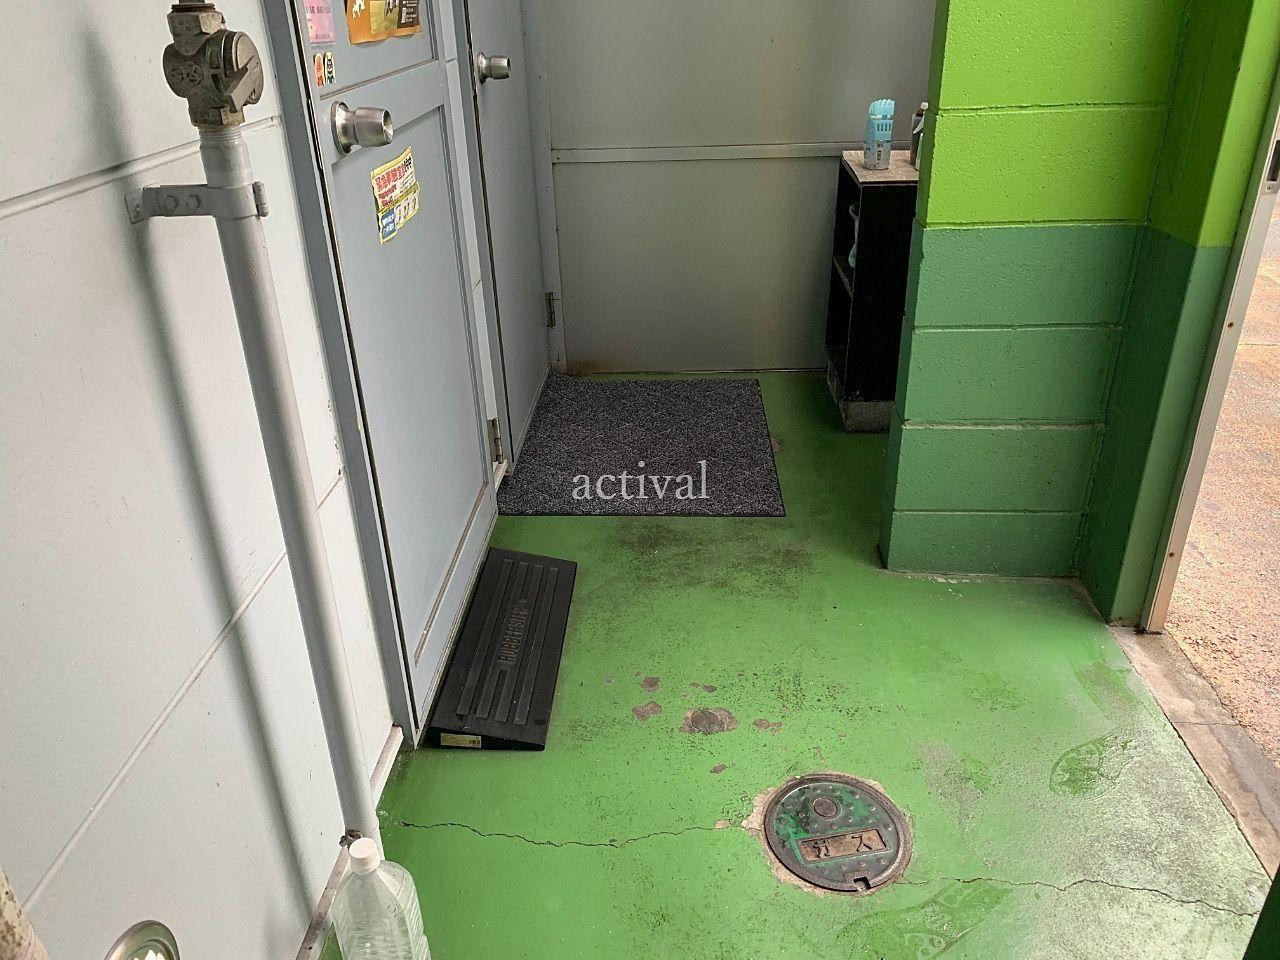 ア・ス・ヴェルデⅢの共用スペース内を清掃しました。